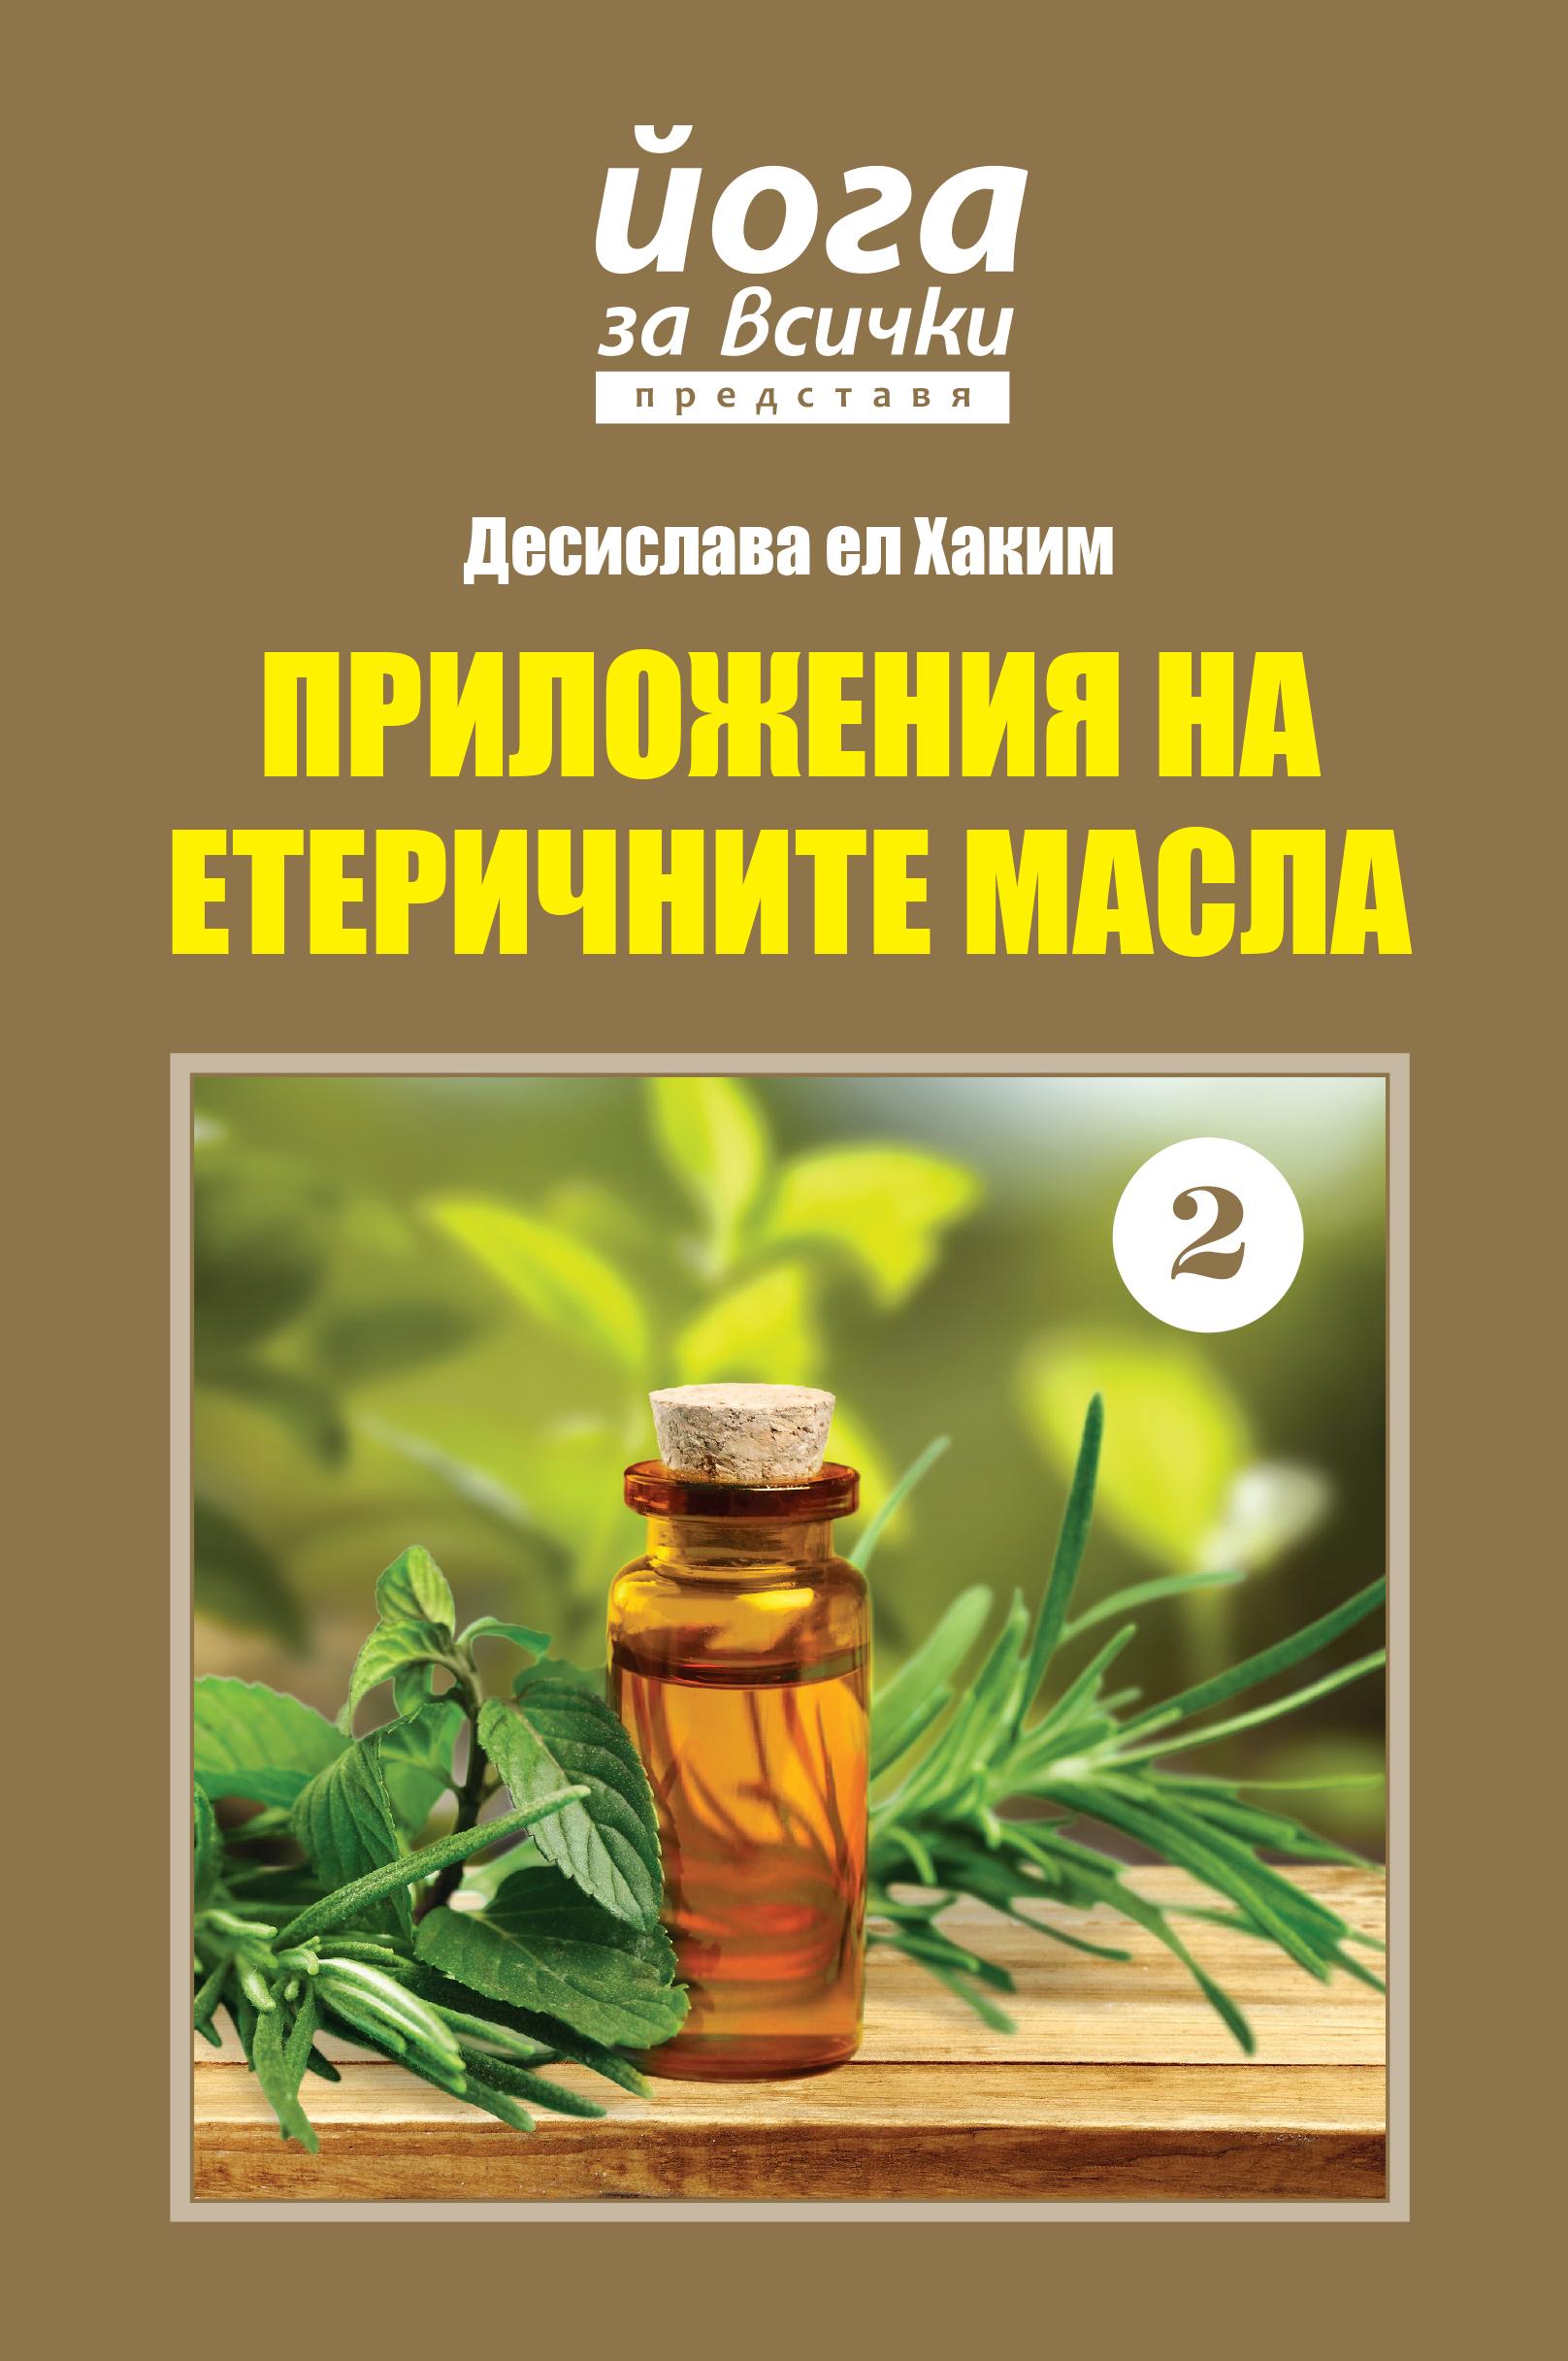 приложения на етеричните масла-2